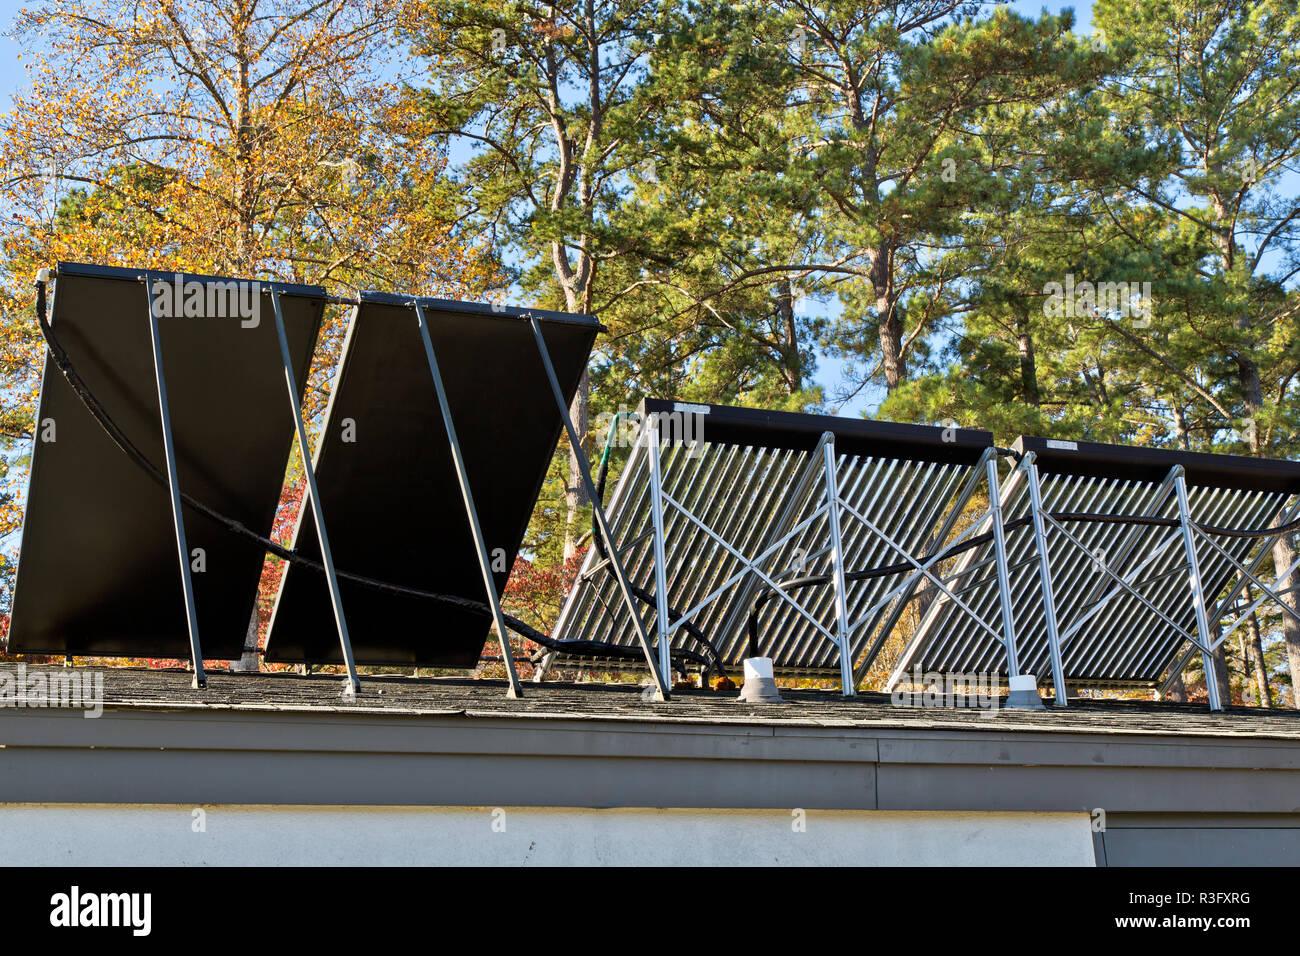 Vue arrière, chauffe-eau solaire sur le toit, salle de bains, faciliter Melton Hill Dam Recreation Area de camping. Photo Stock